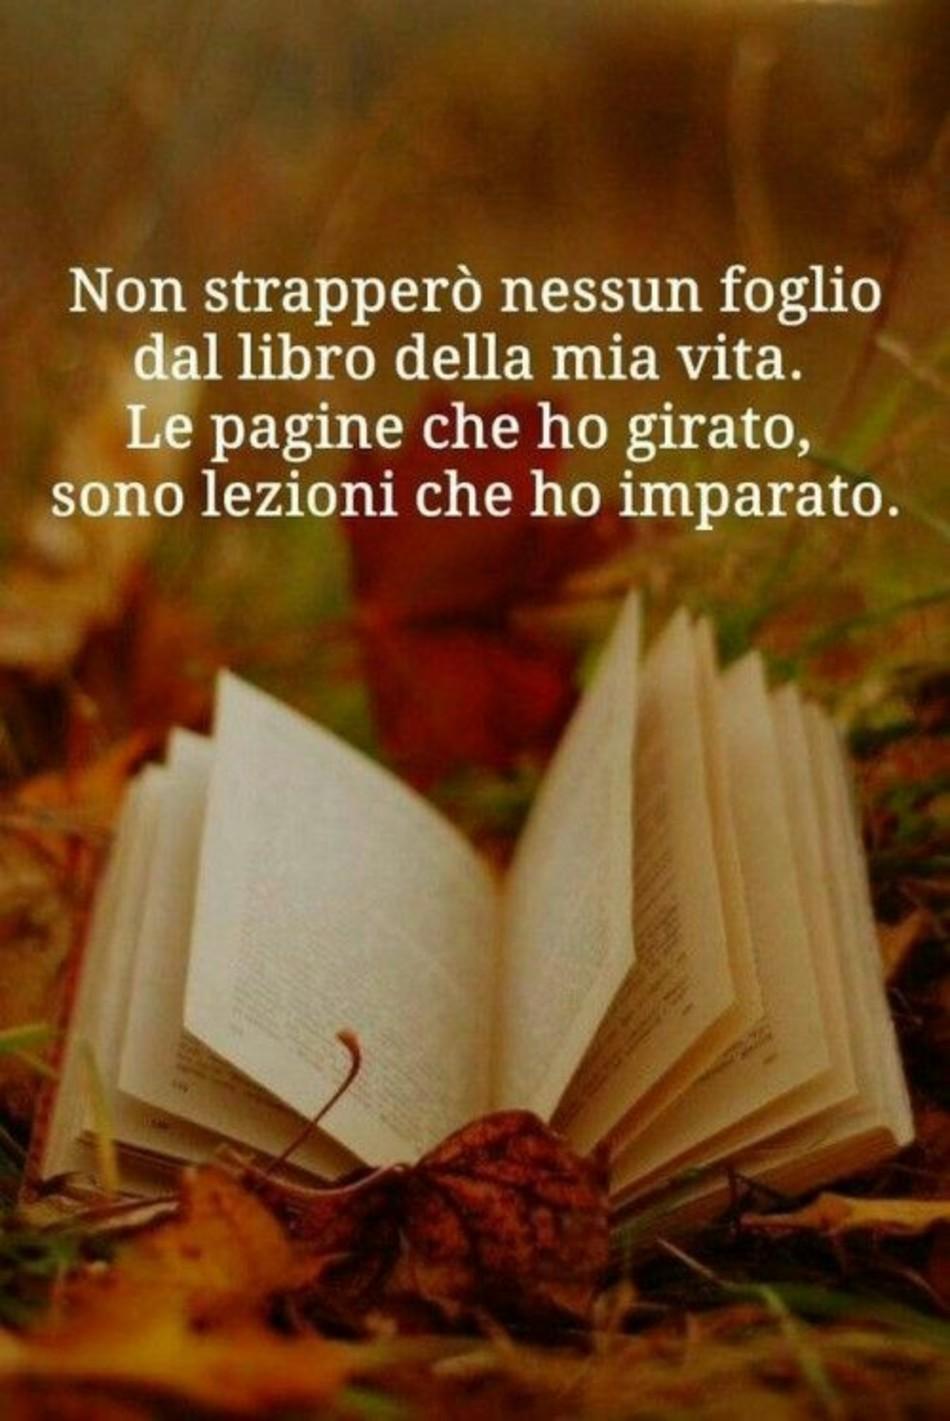 Frasi D Amore Che Toccano Il Cuore 3 Bellissimeimmagini It